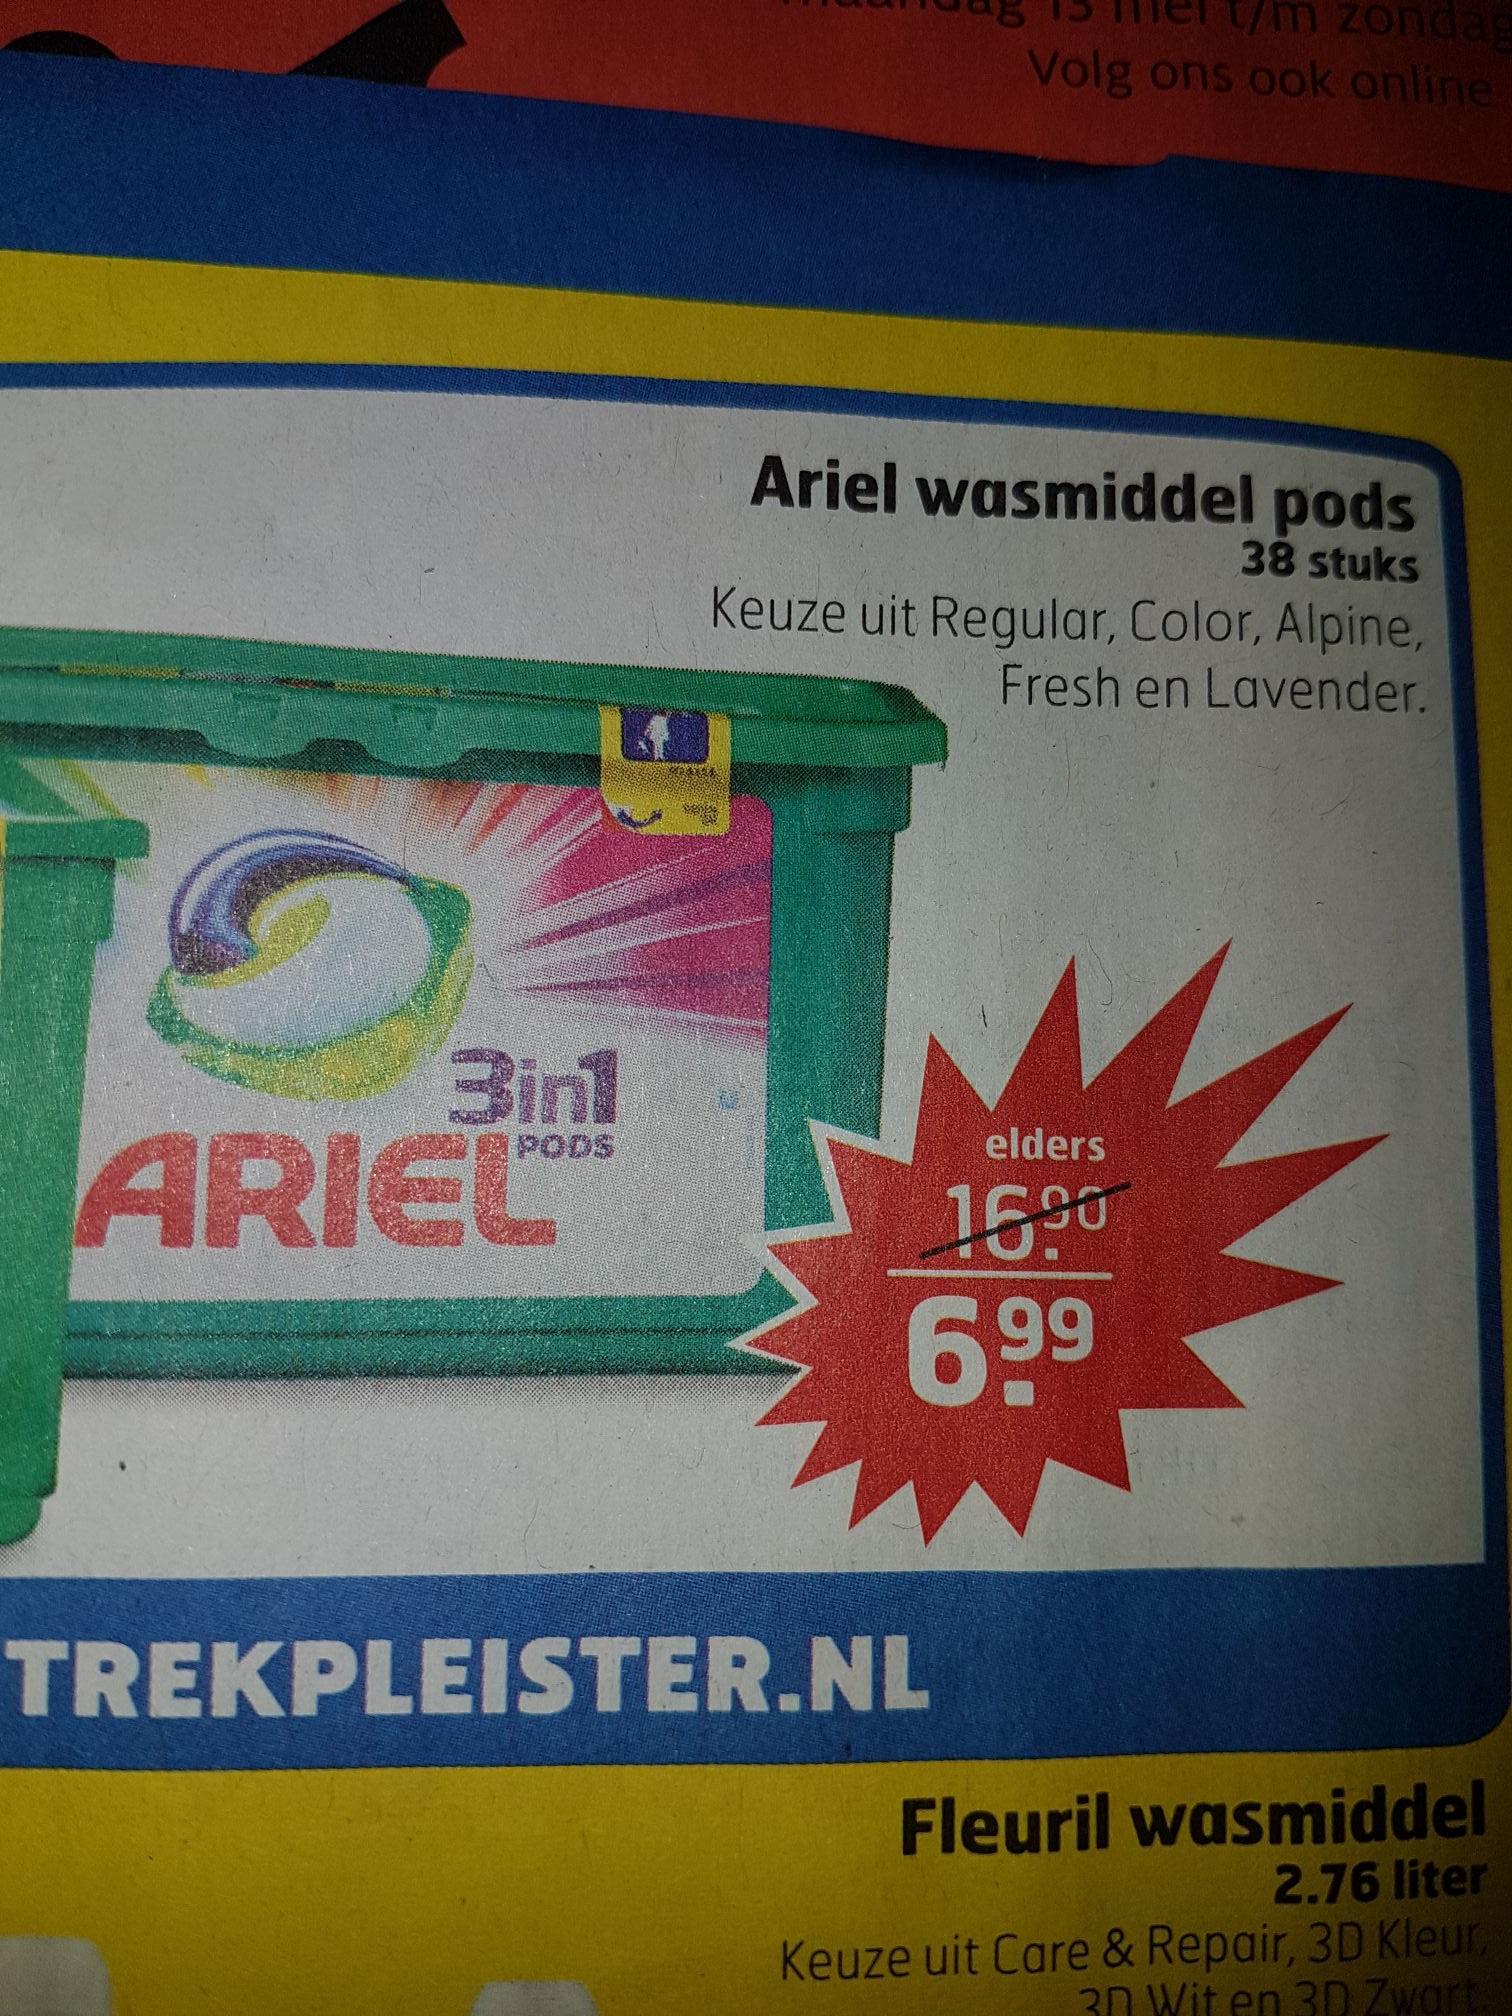 Ariel pods 3 in 1 38 stuks